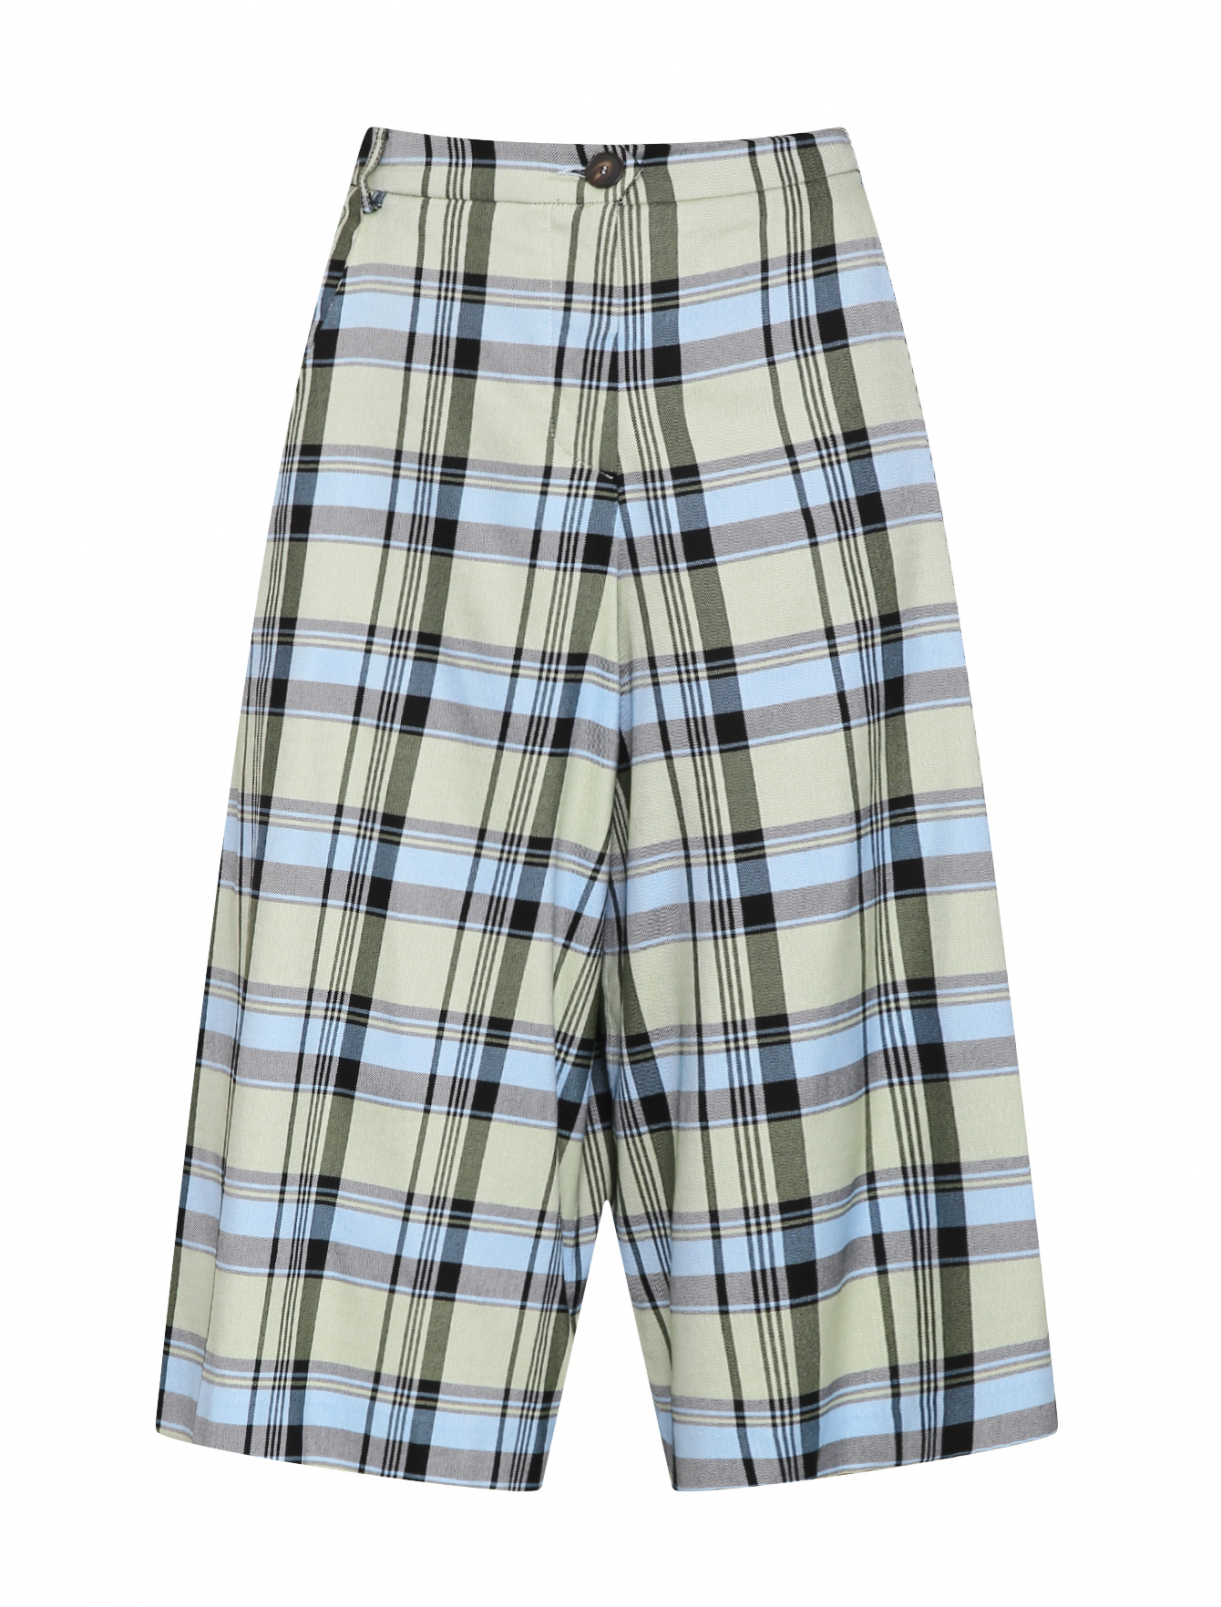 Удлиненные шорты из смессового хлопка в клетку Antonio Marras  –  Общий вид